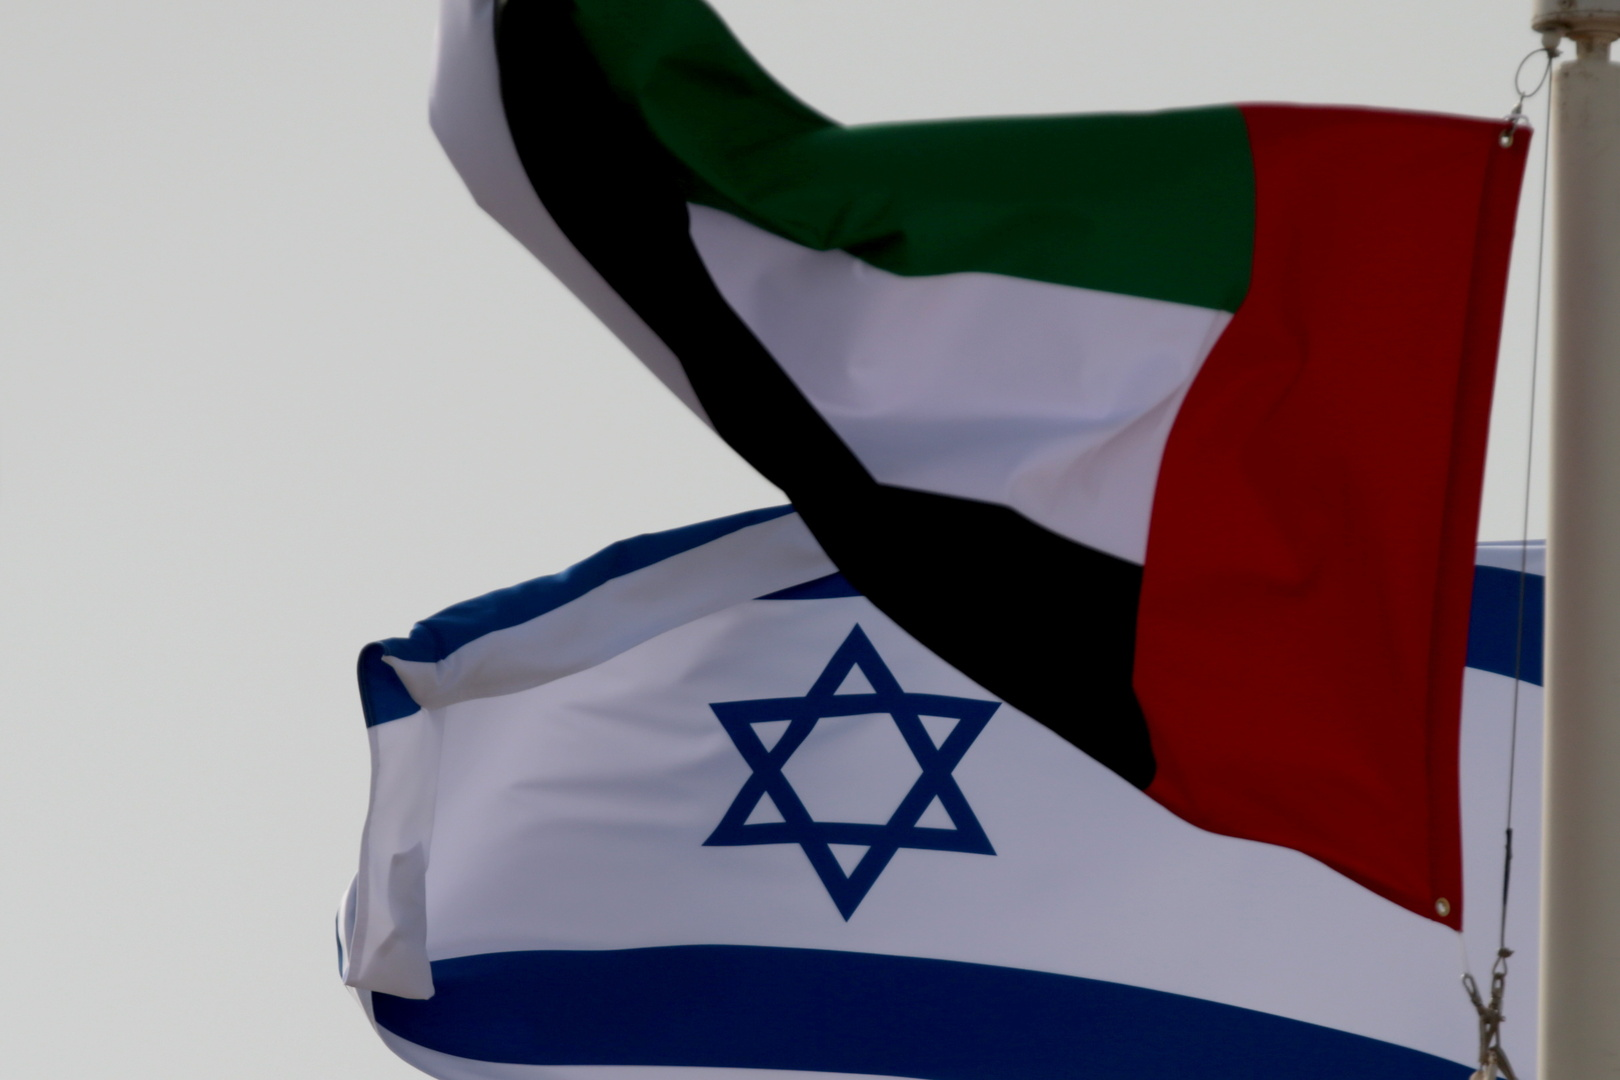 العلم الإسرائيلي والعلم الإماراتي